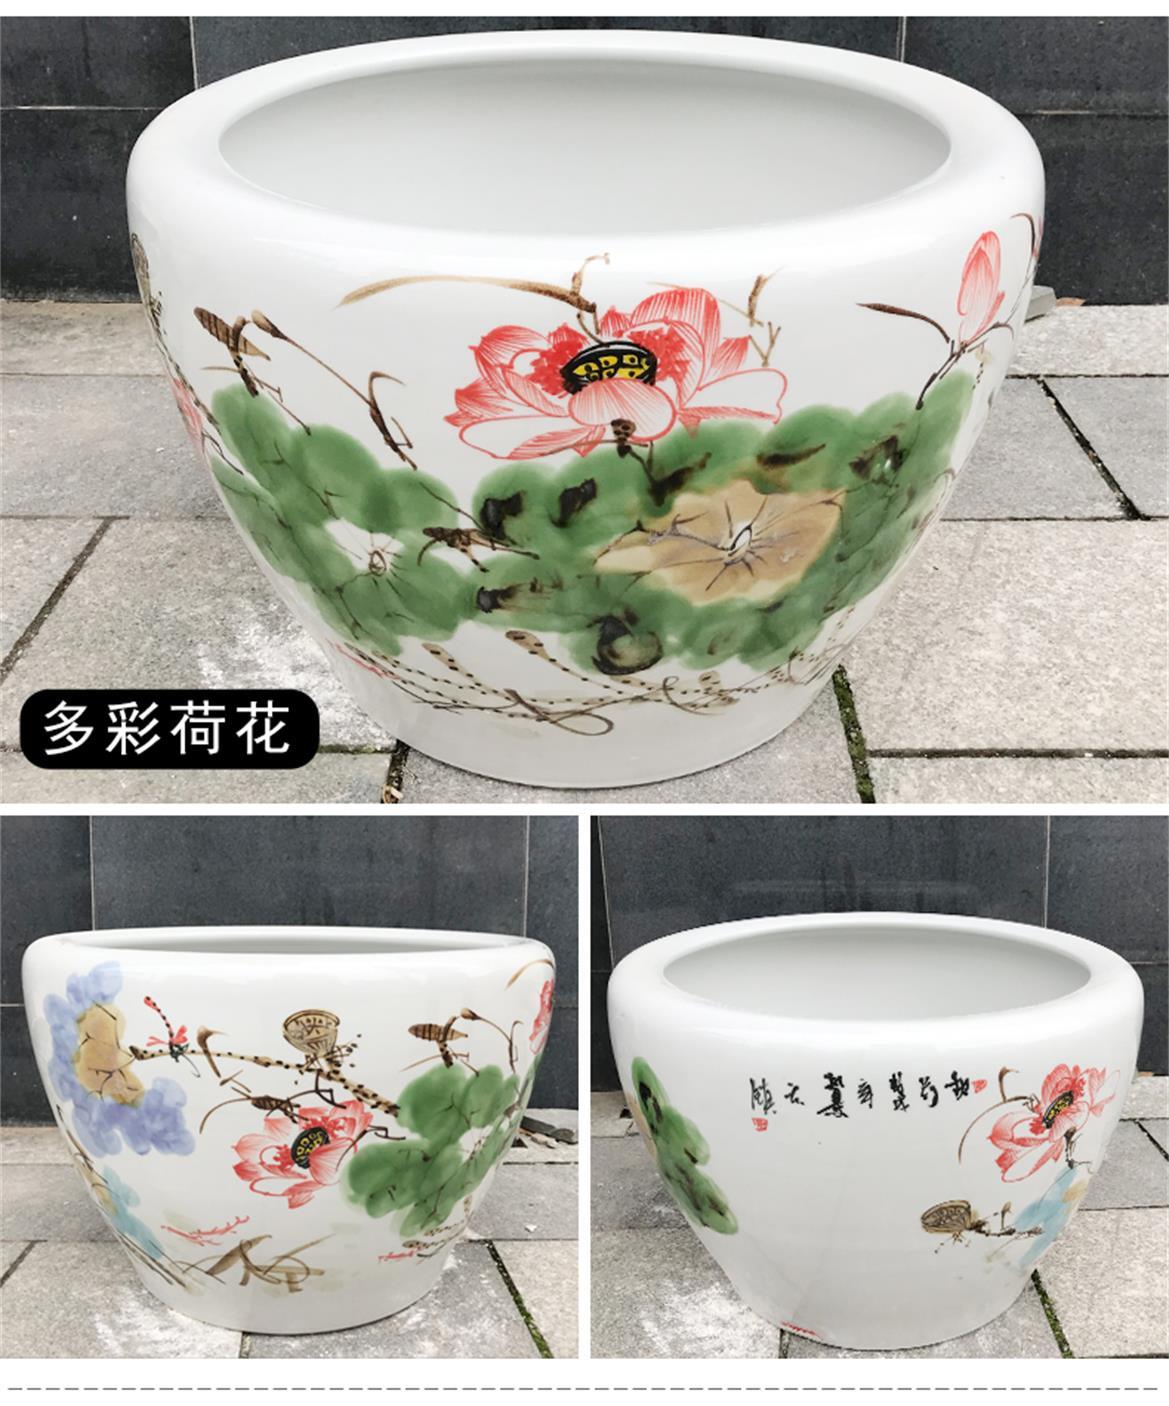 多彩荷花款43公分小摆件家用庭院鱼缸陶瓷生产厂家